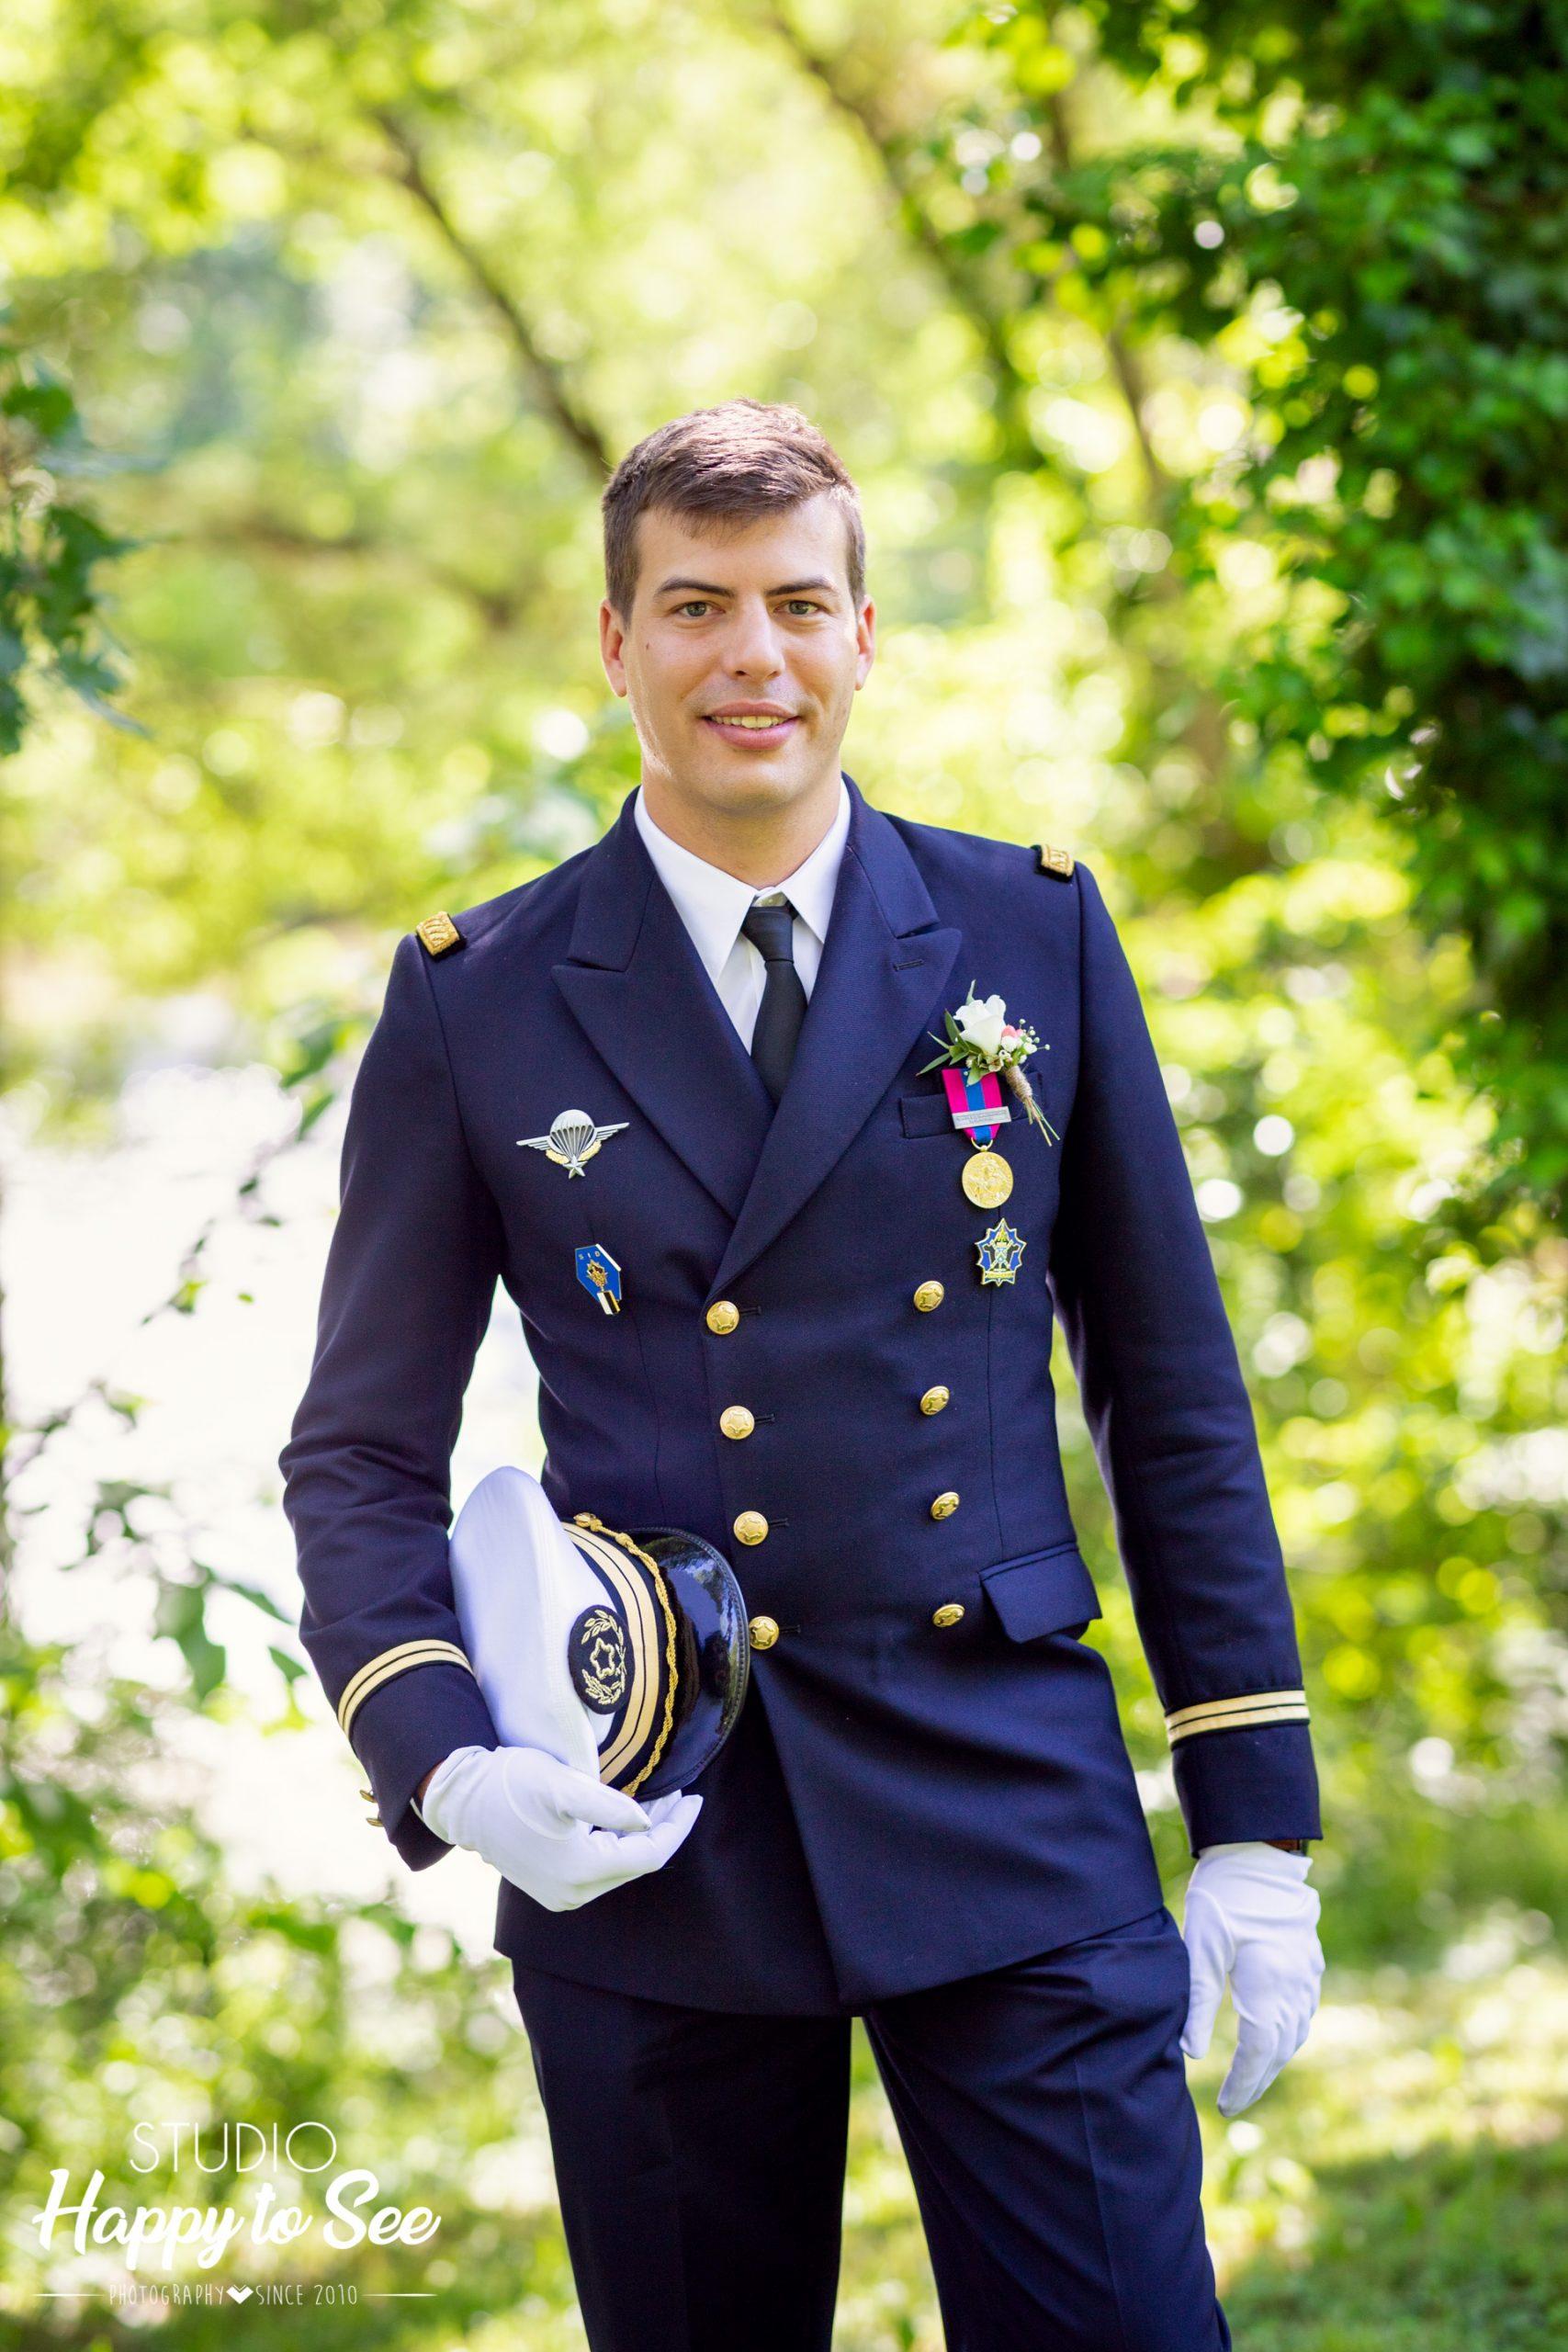 Costume militaire du marié